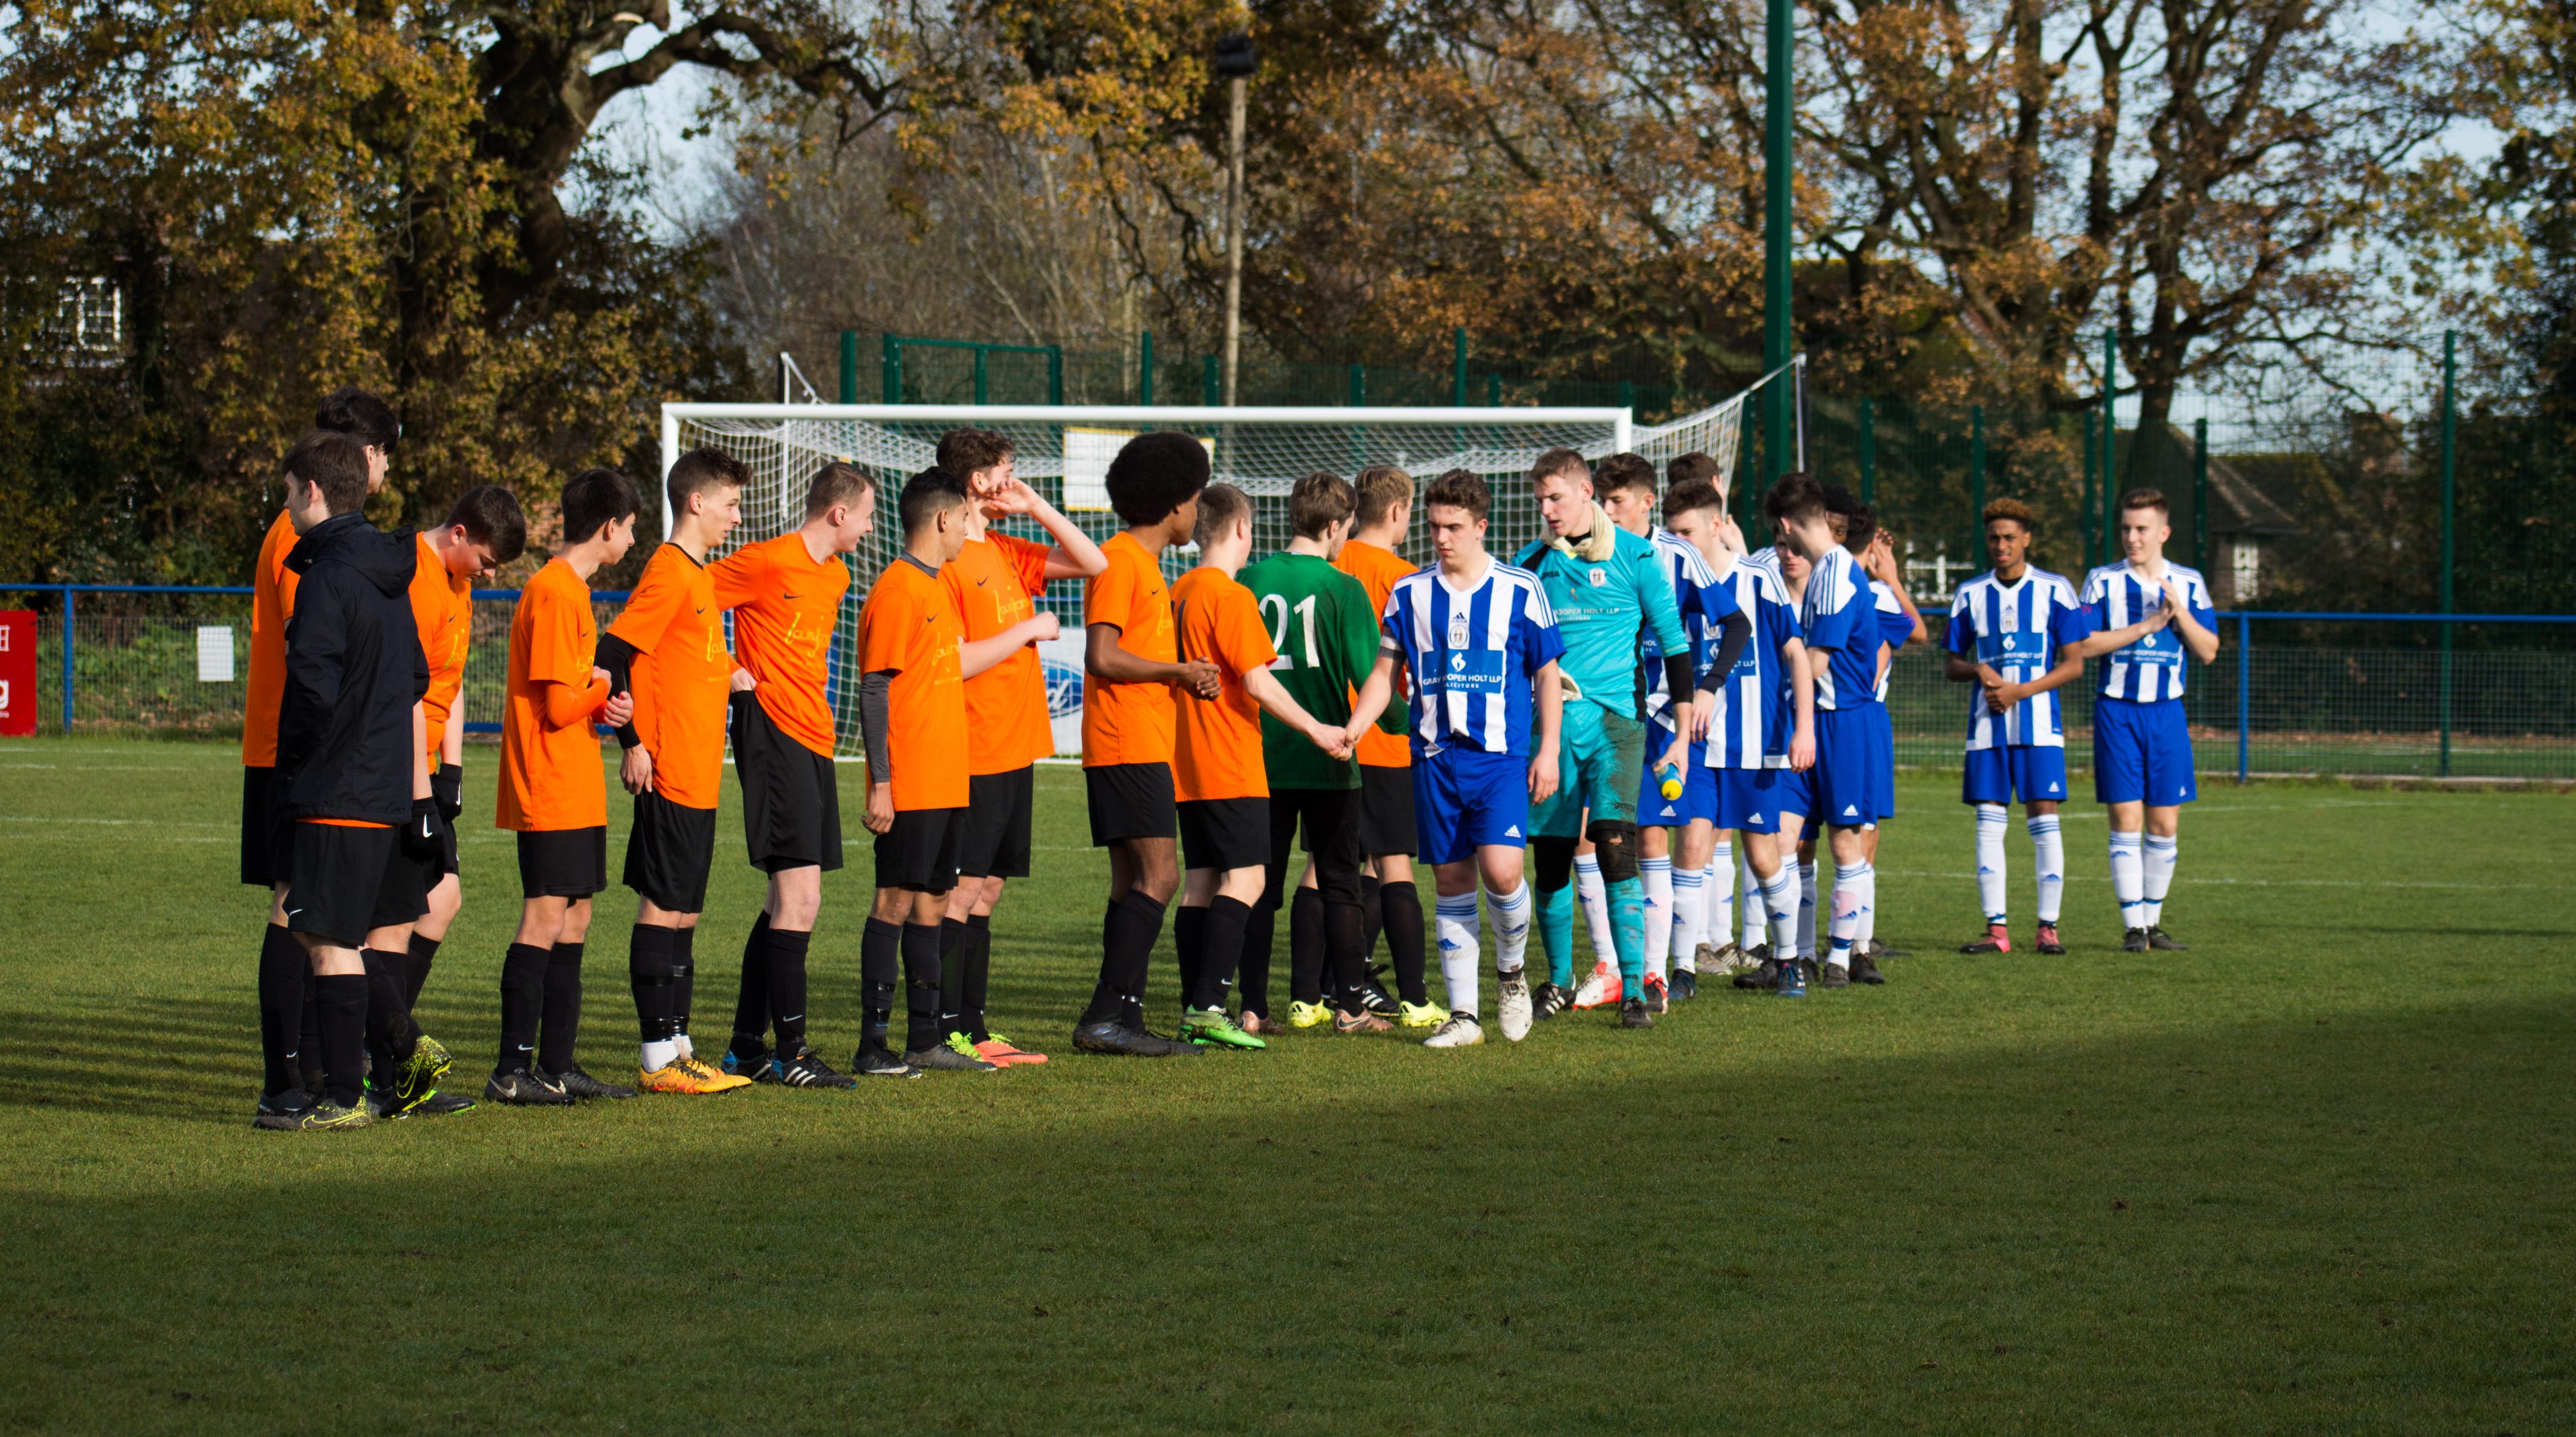 Mile Oak U18s vs Haywards Heath U18s 19.11.17 01